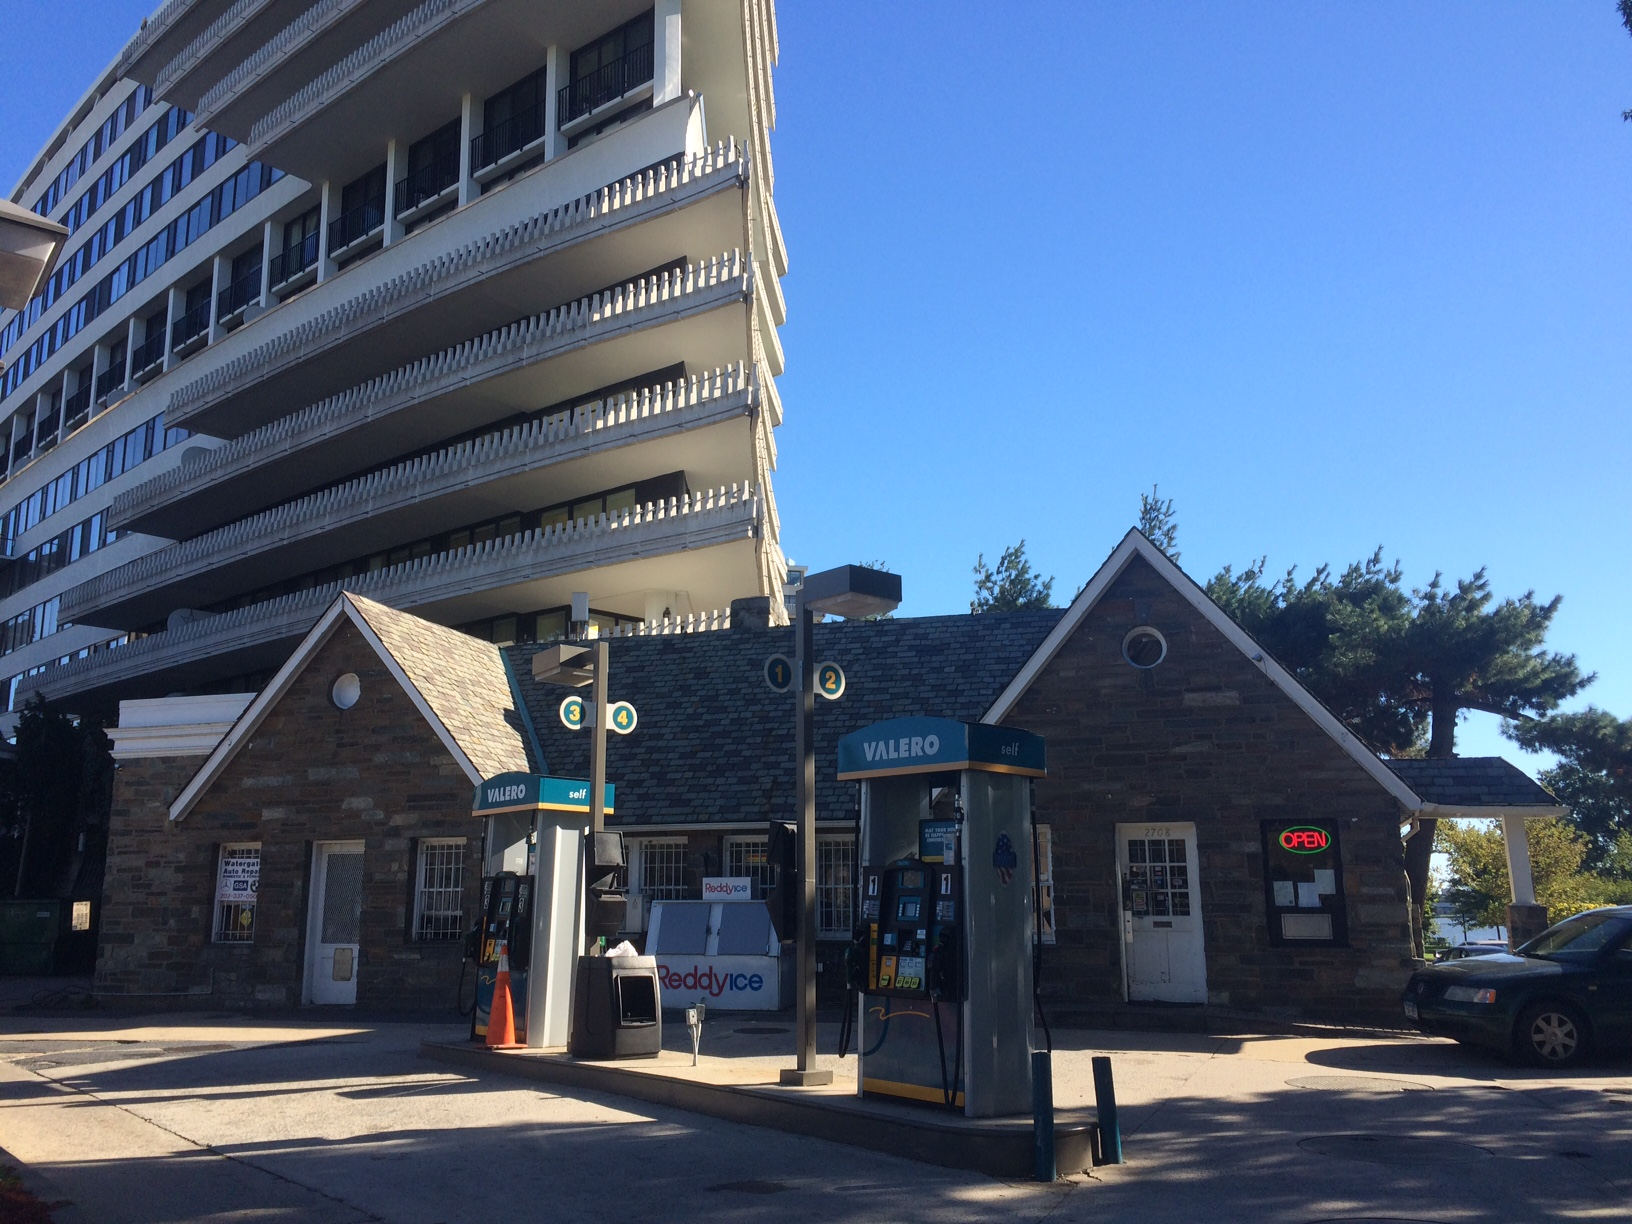 higgins-service-station